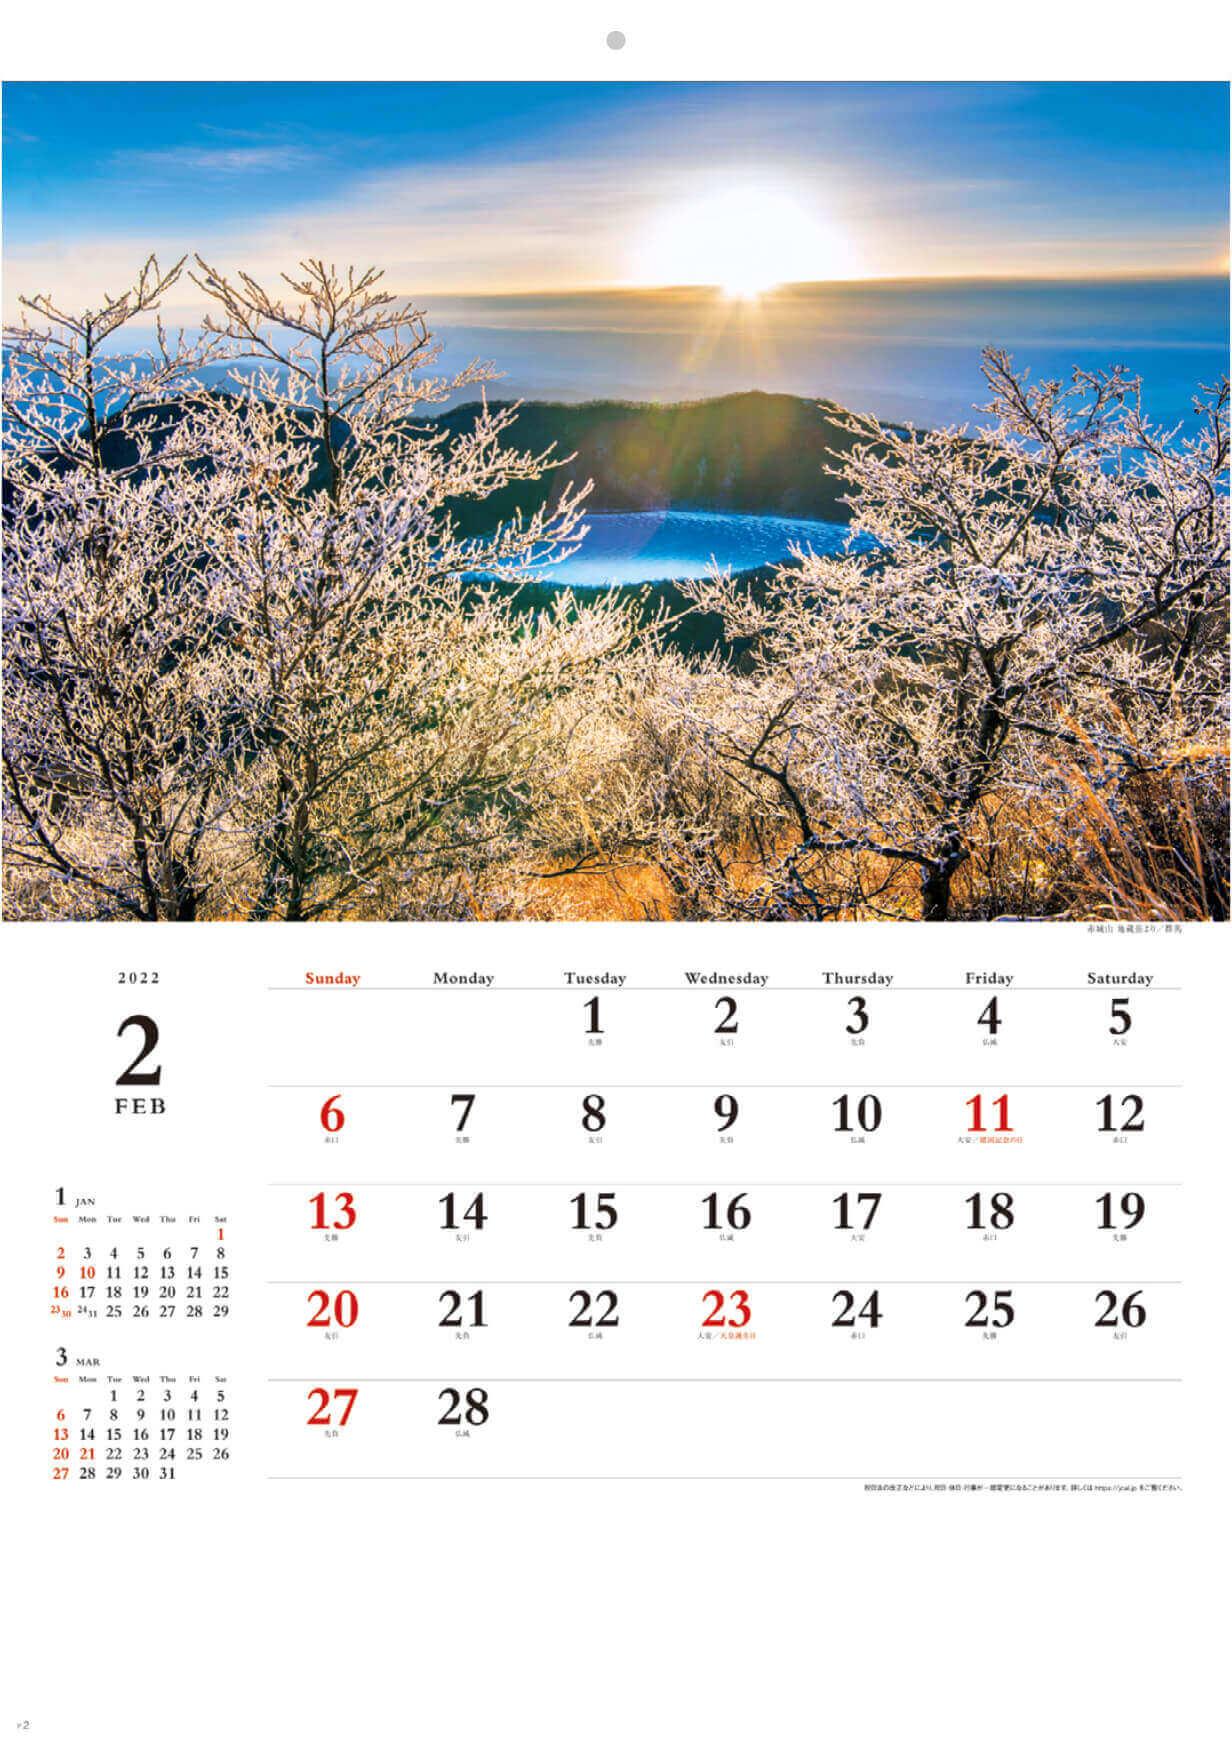 2月 赤城山 地蔵岳より(群馬) 輝く太陽 2022年カレンダーの画像